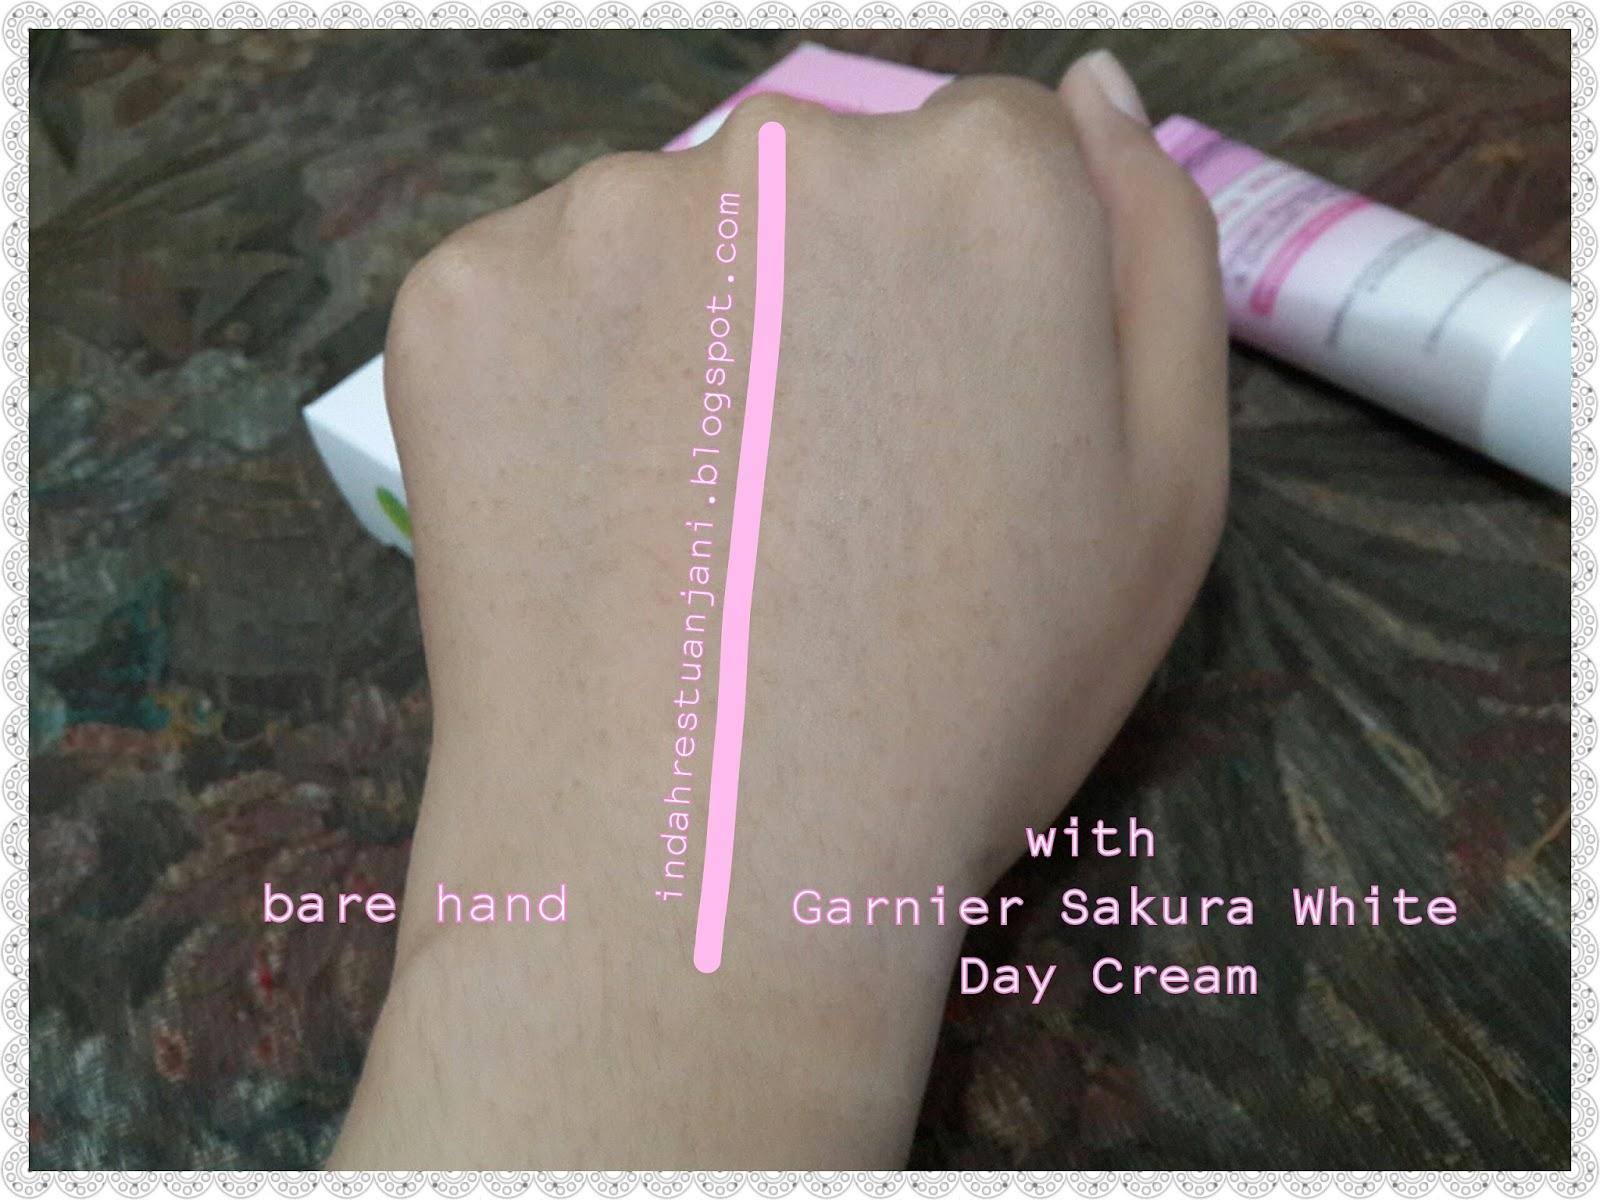 Garnier Sakura White Pinkish Radiance Whitening Cream Day 20ml 18ml Spf21 Aku Pakai Smooth Pores Serum